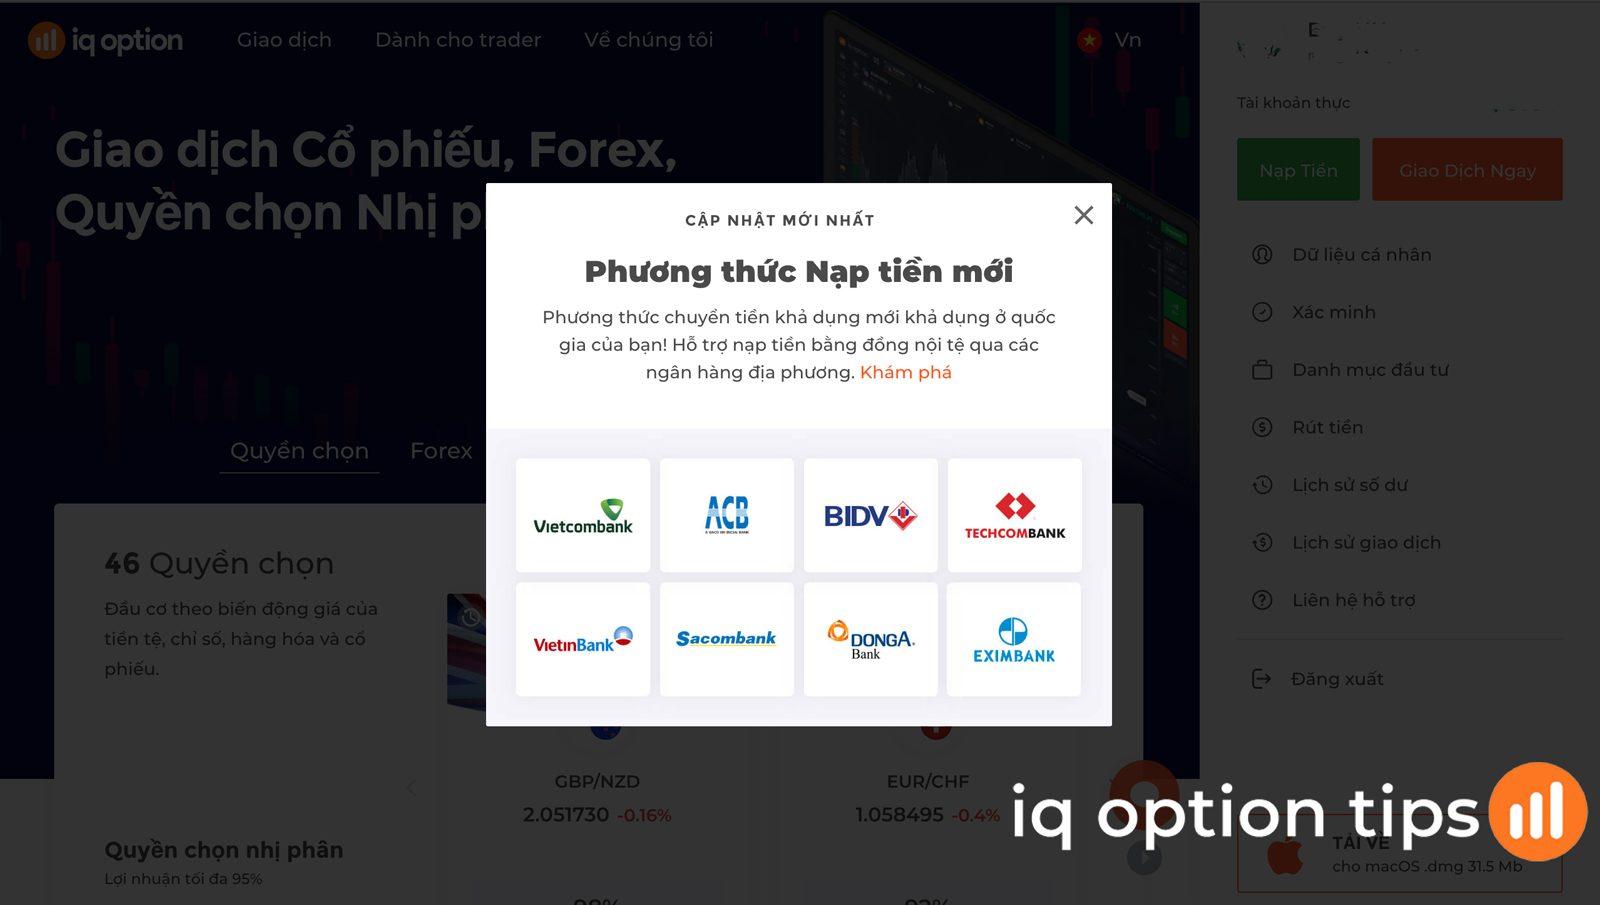 Hướng dẫn nạp tiền vào tài khoản IQ option Việt Nam bằng Internet Banking